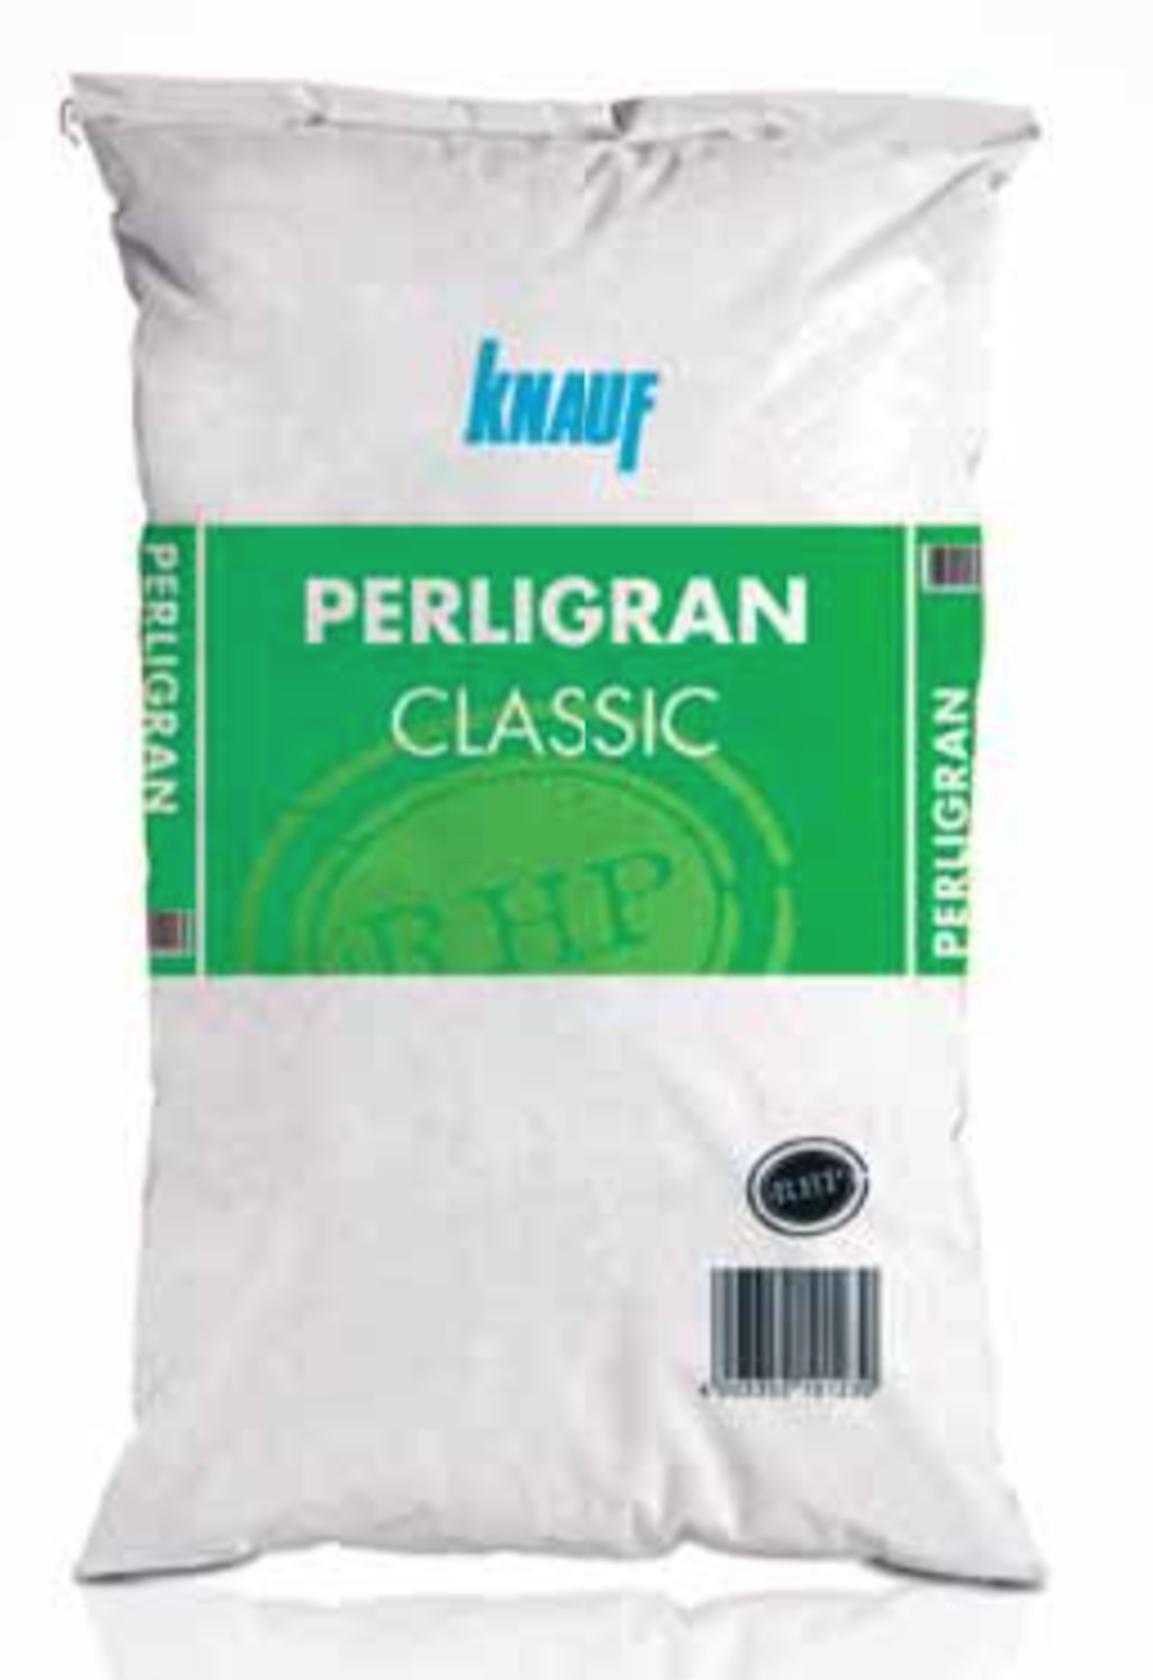 Perligran Perlite P3 (classic perliet) 100L